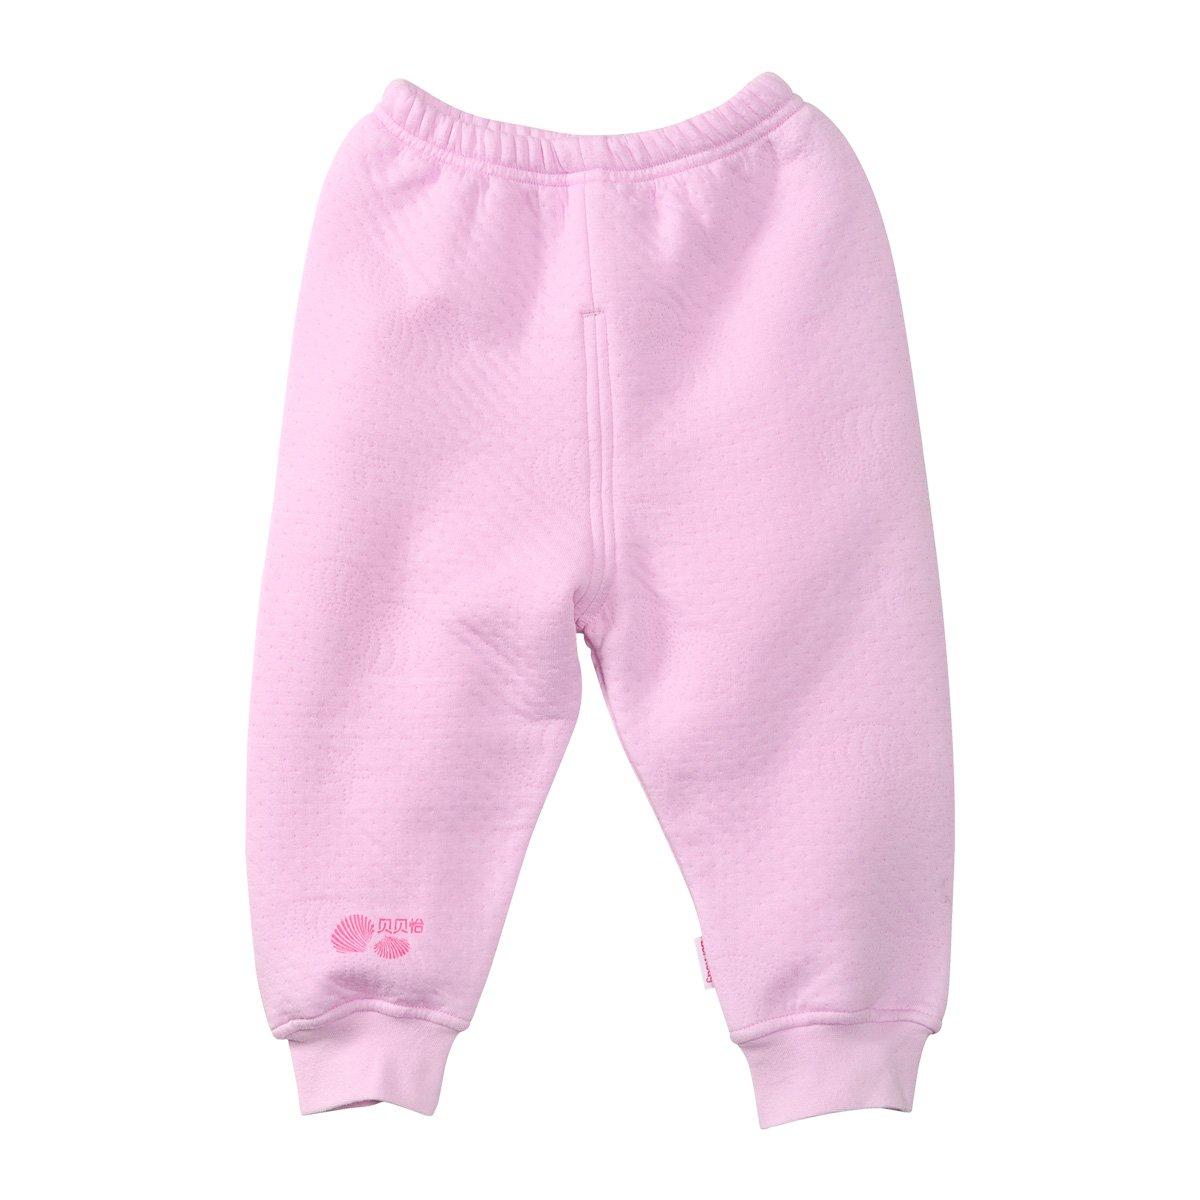 婴儿衣服男女宝宝裤子新生儿暖棉婴儿加厚